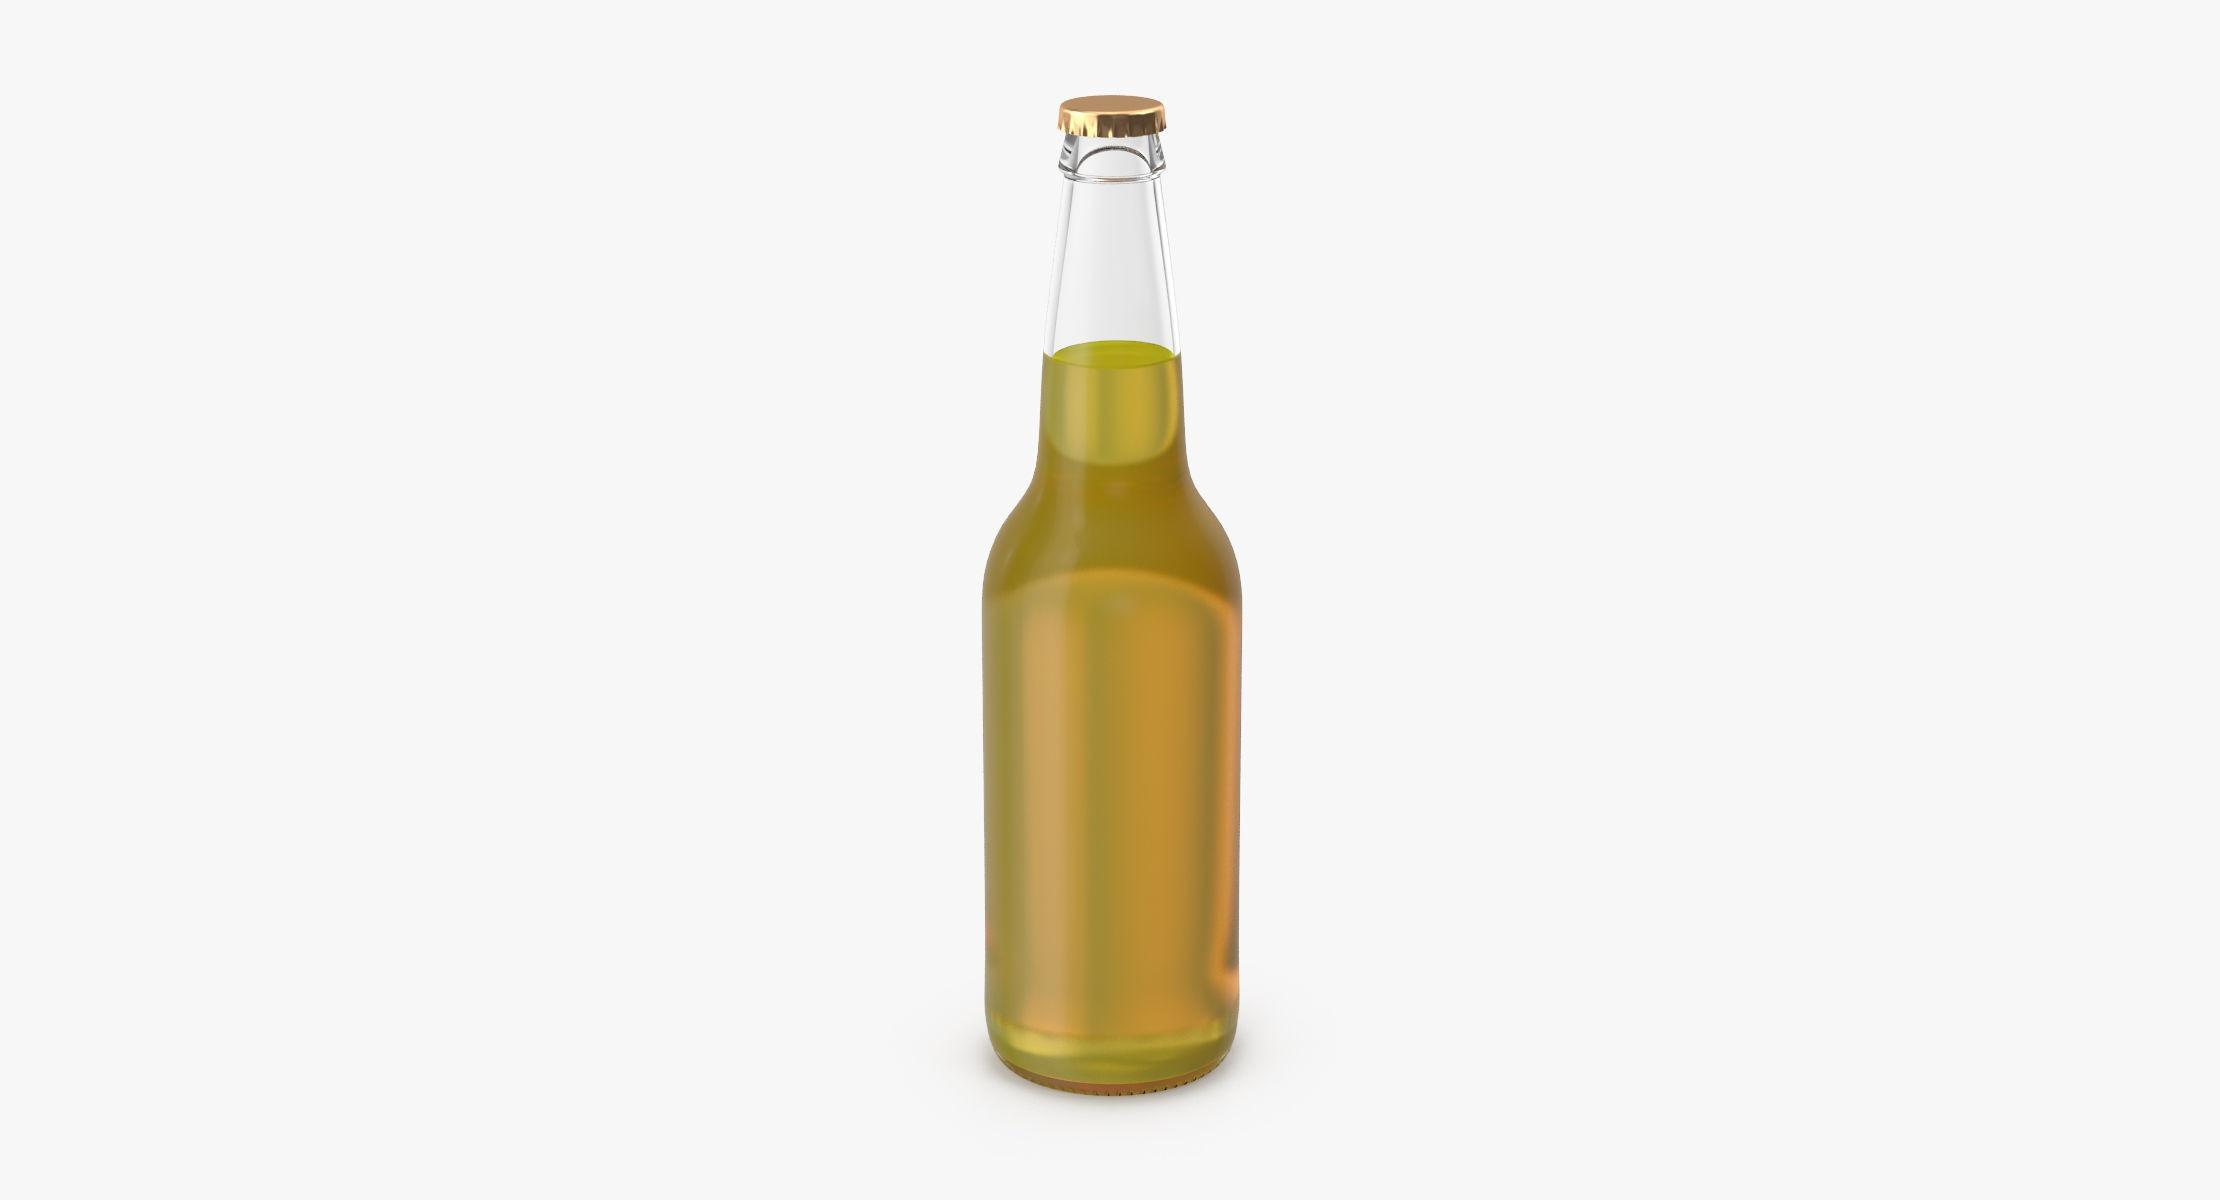 Beer Bottle Yellow - reel 1